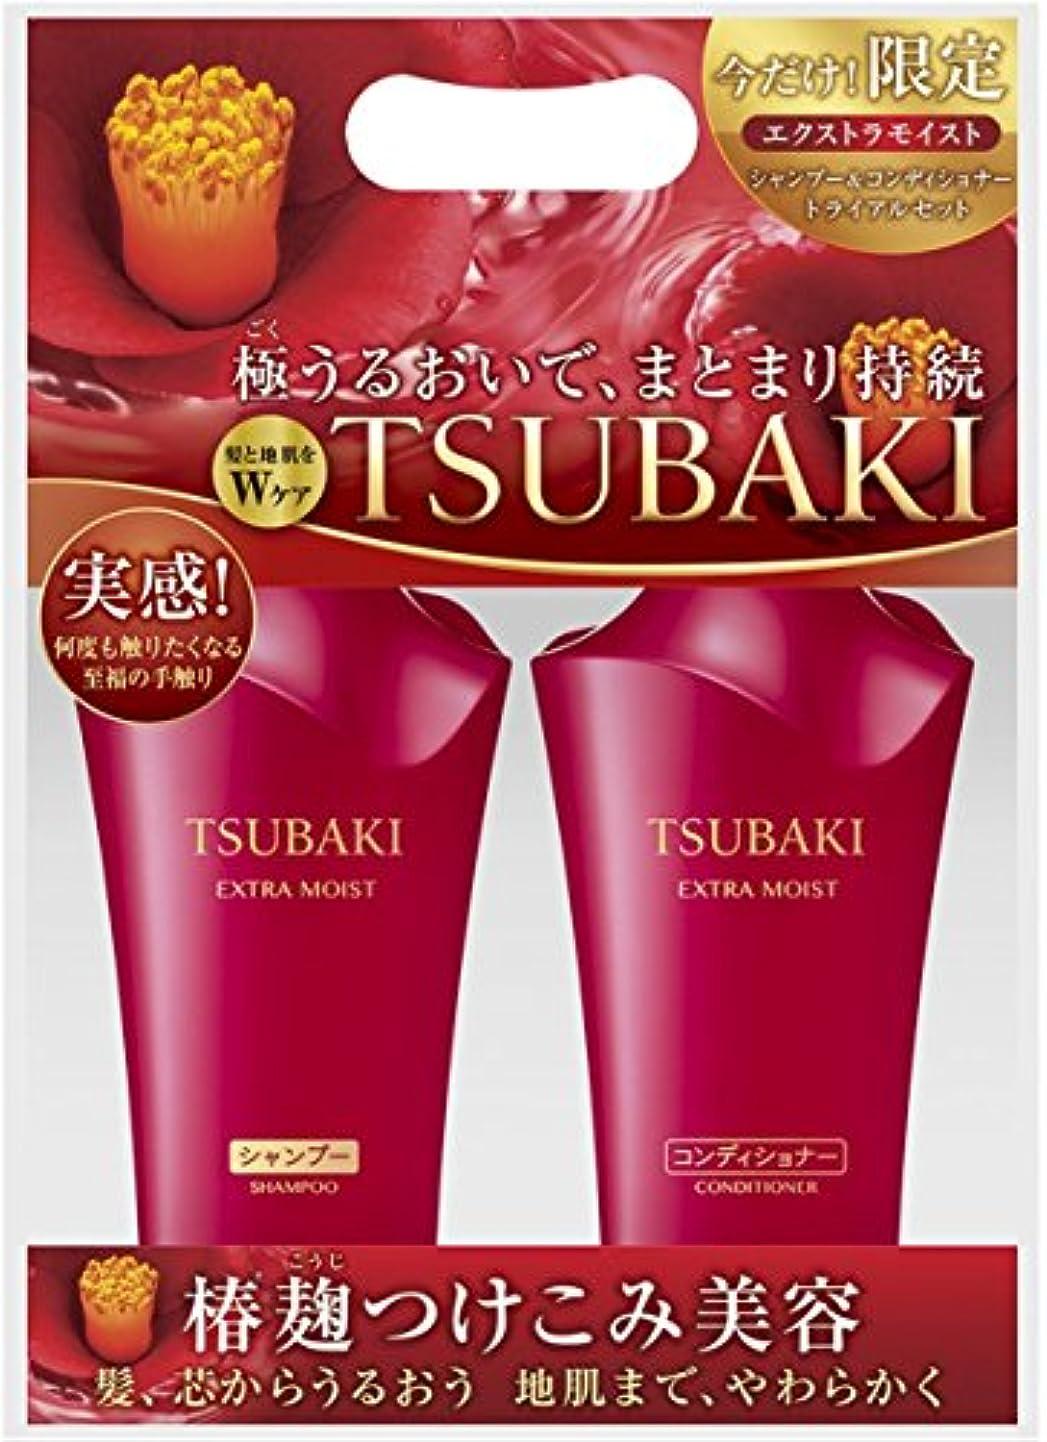 業界法律によりはねかけるTSUBAKI エクストラモイスト シャンプー&コンディショナー ジャンボペアセット (500ml+500ml)